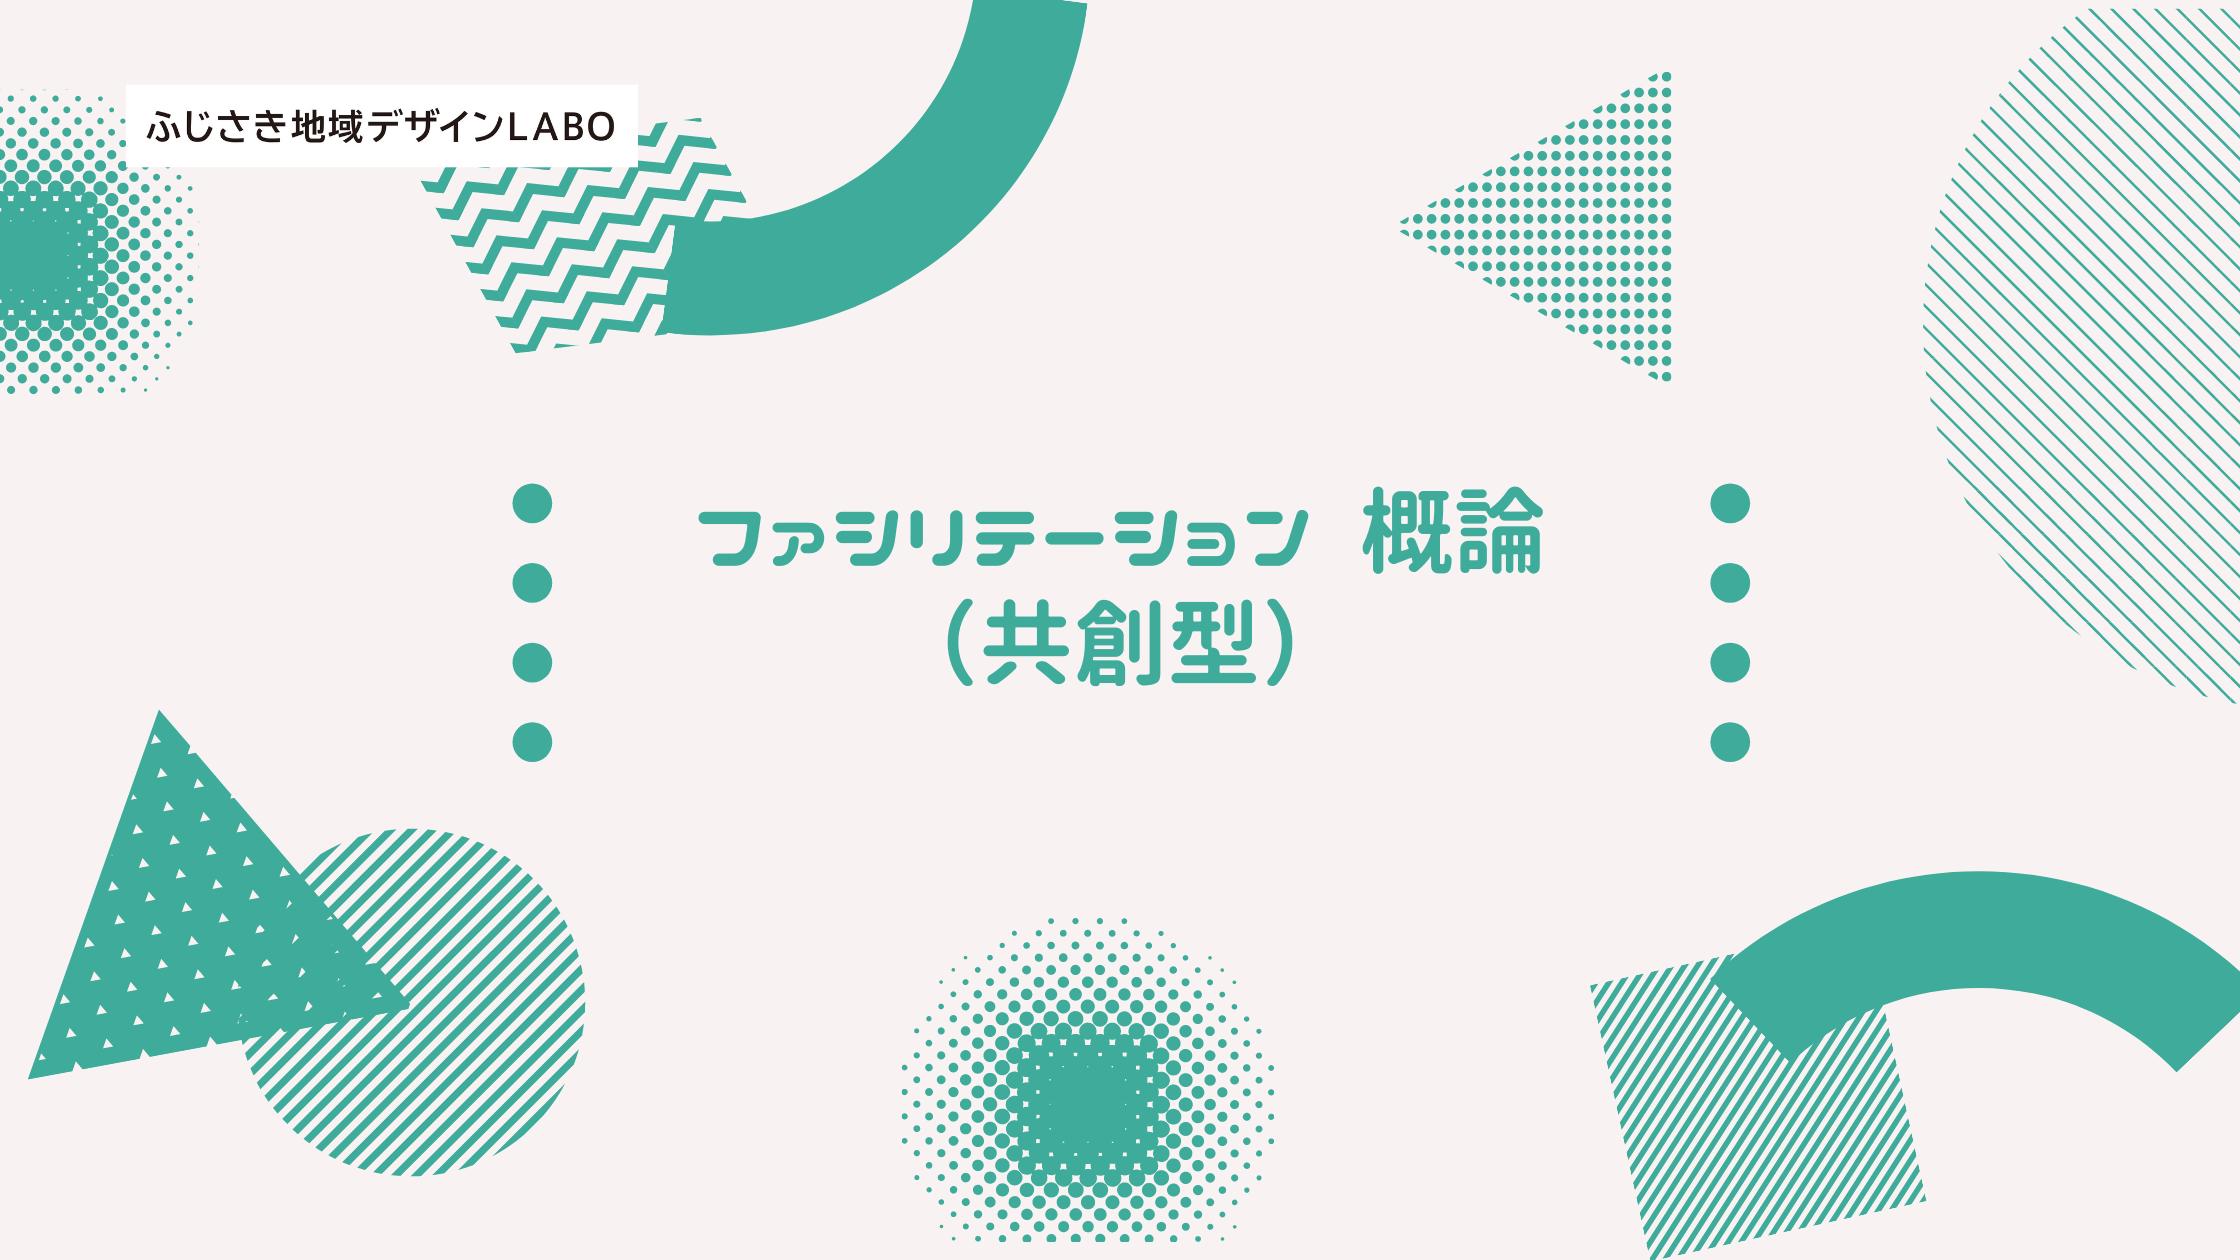 【ふじさき地域デザインLABOプロデューサー育成】ファシリテーション 概論(共創型)